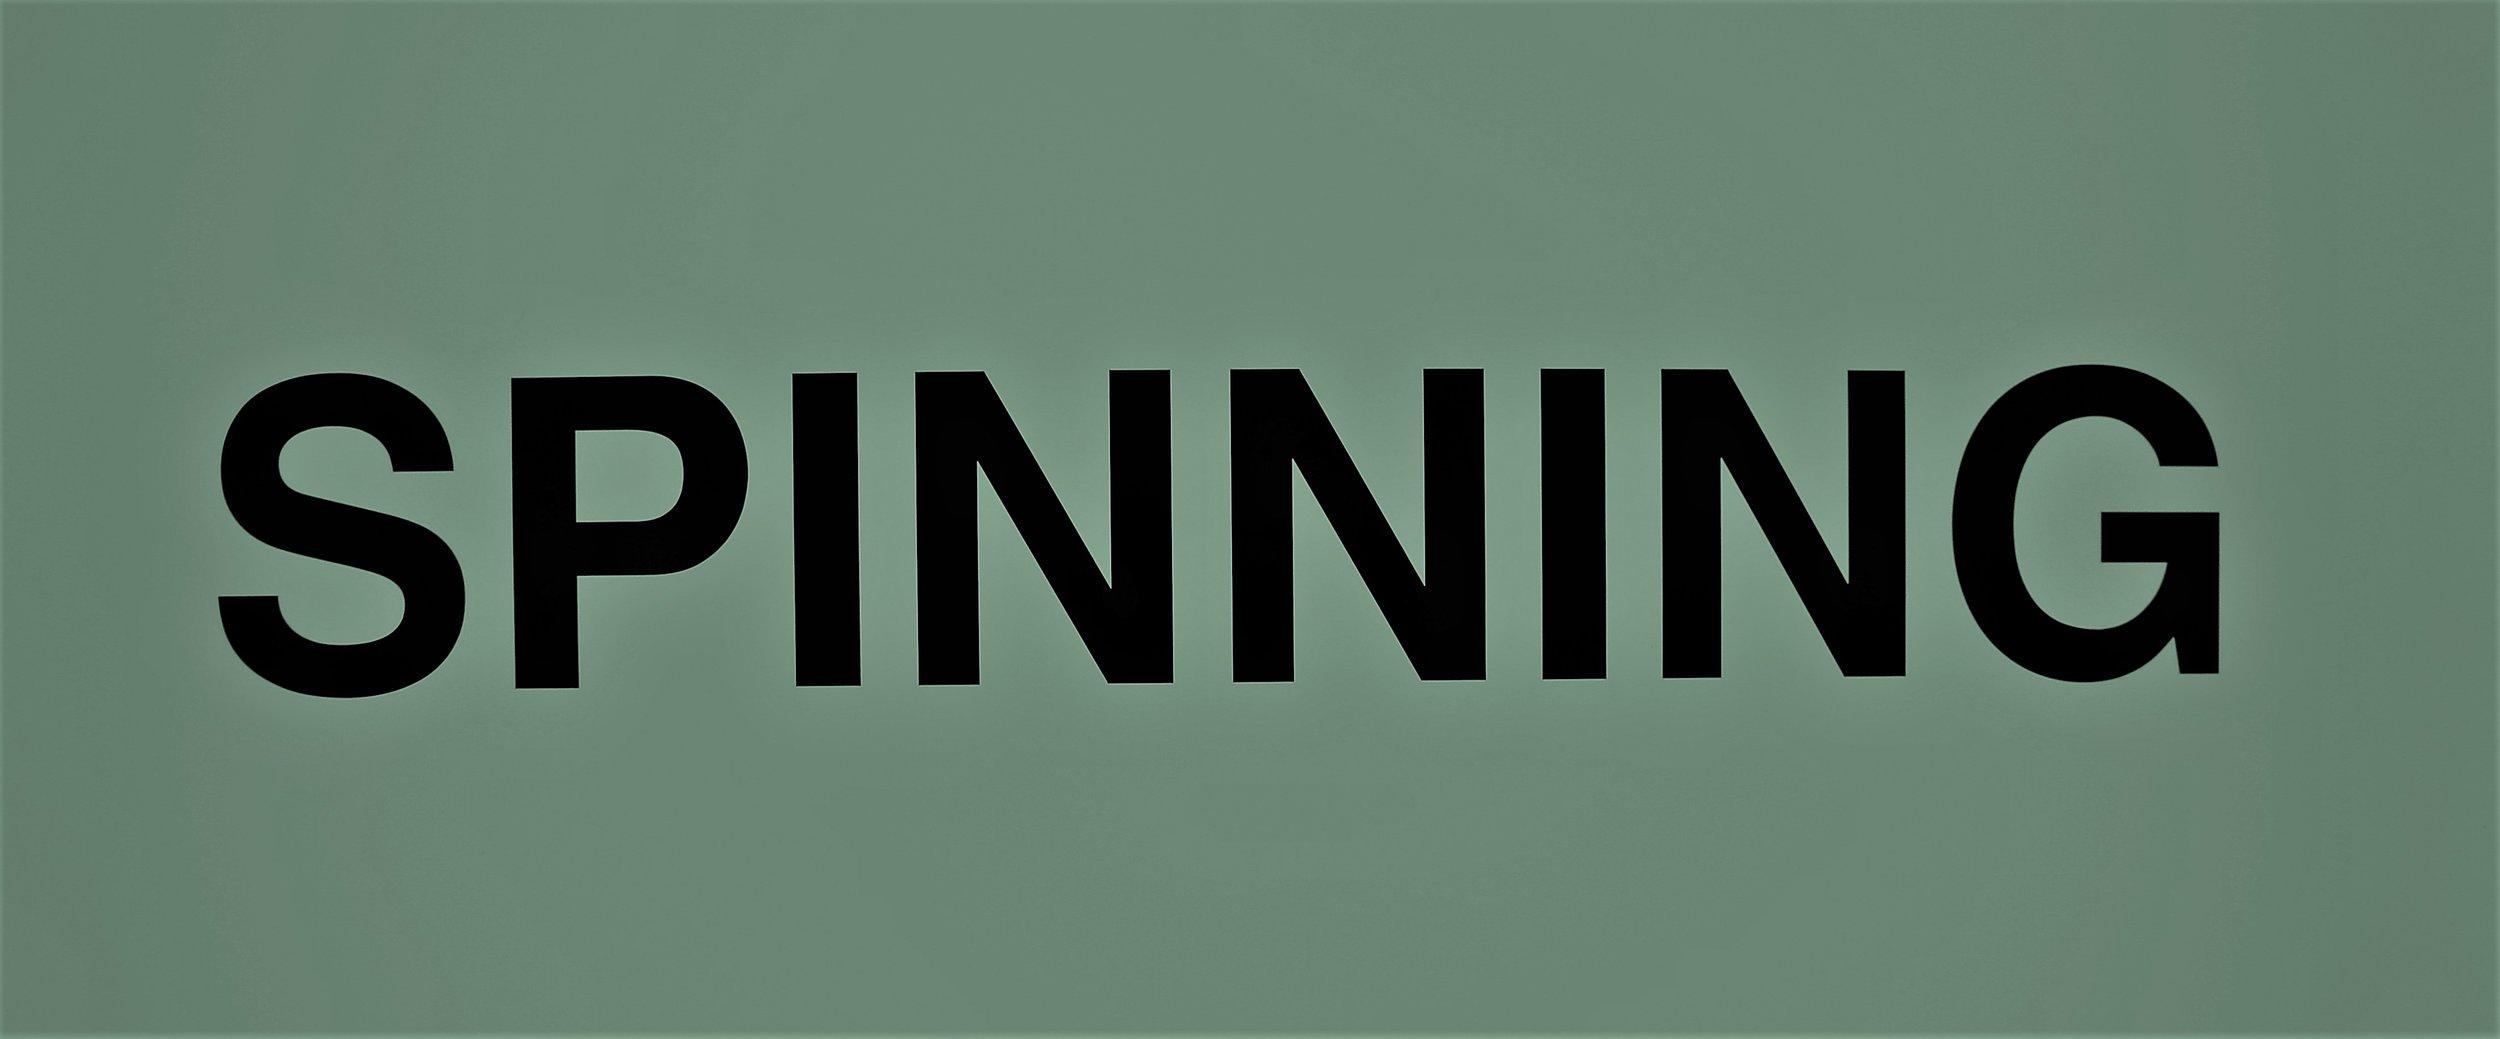 spin2.jpg